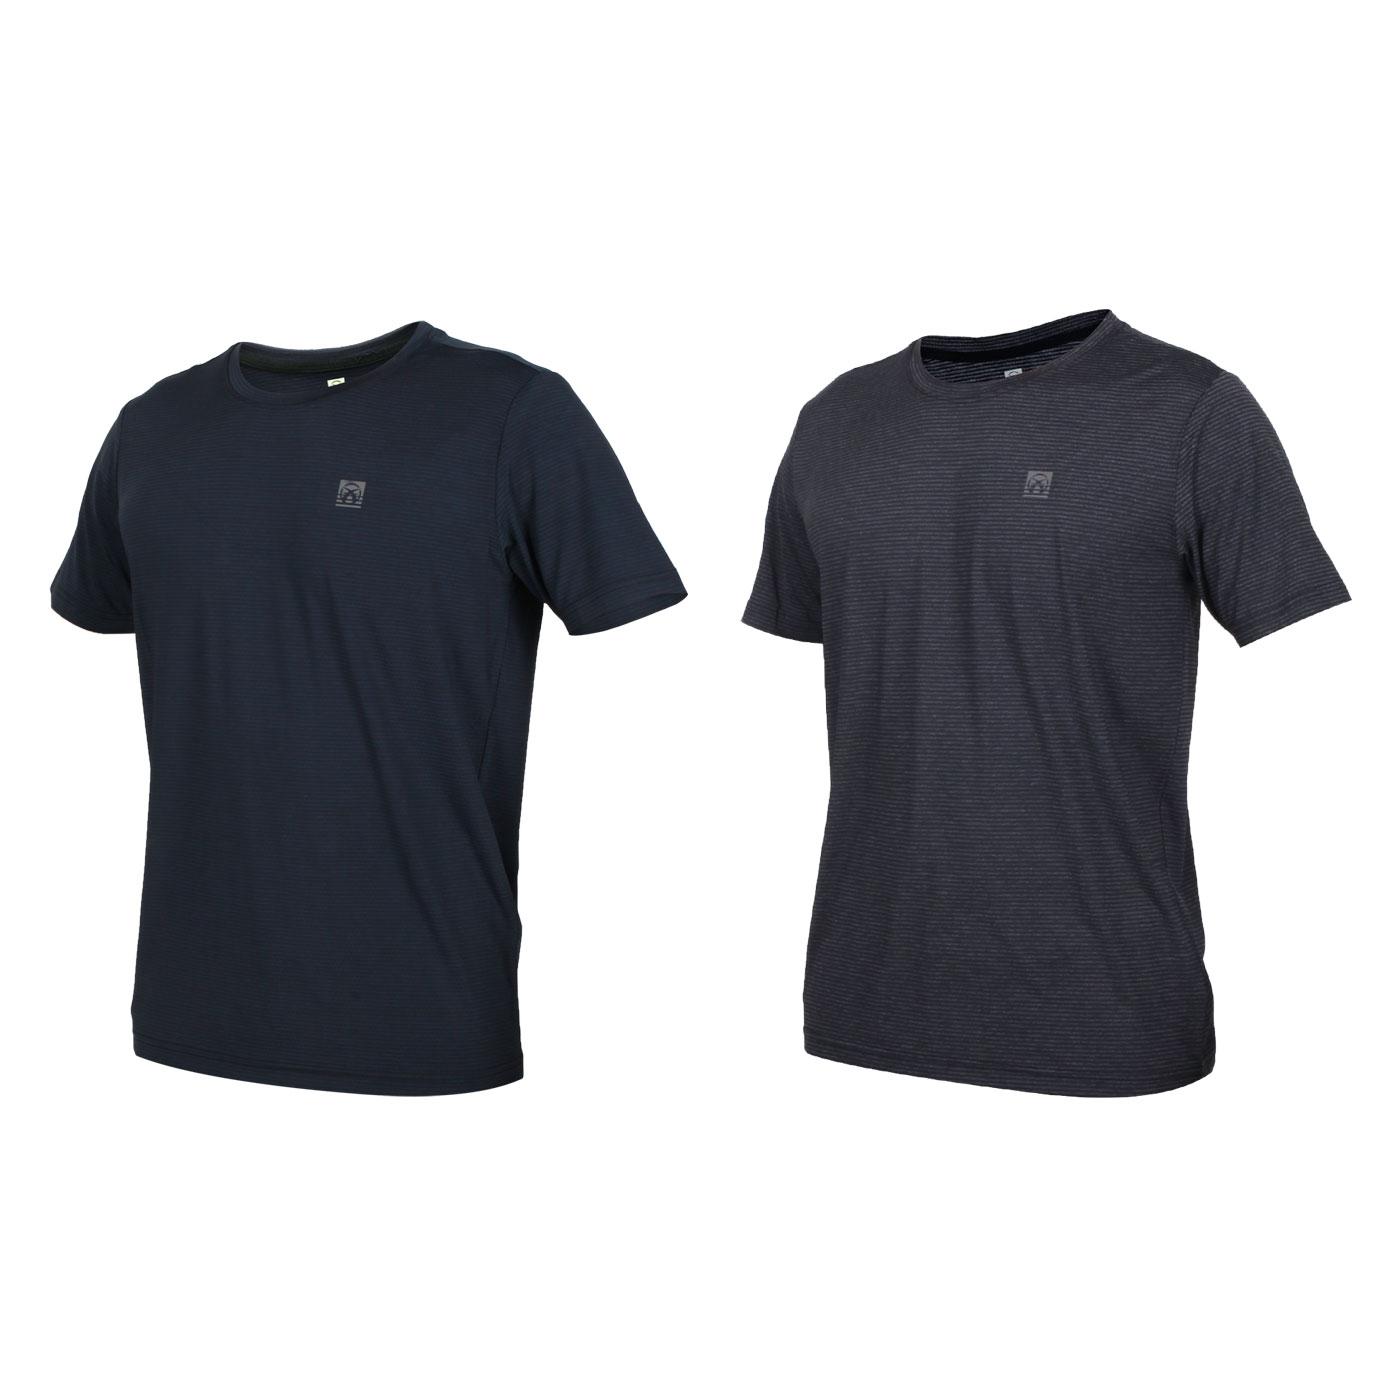 FIRESTAR 男款彈性圓領短袖T恤 D0530-18